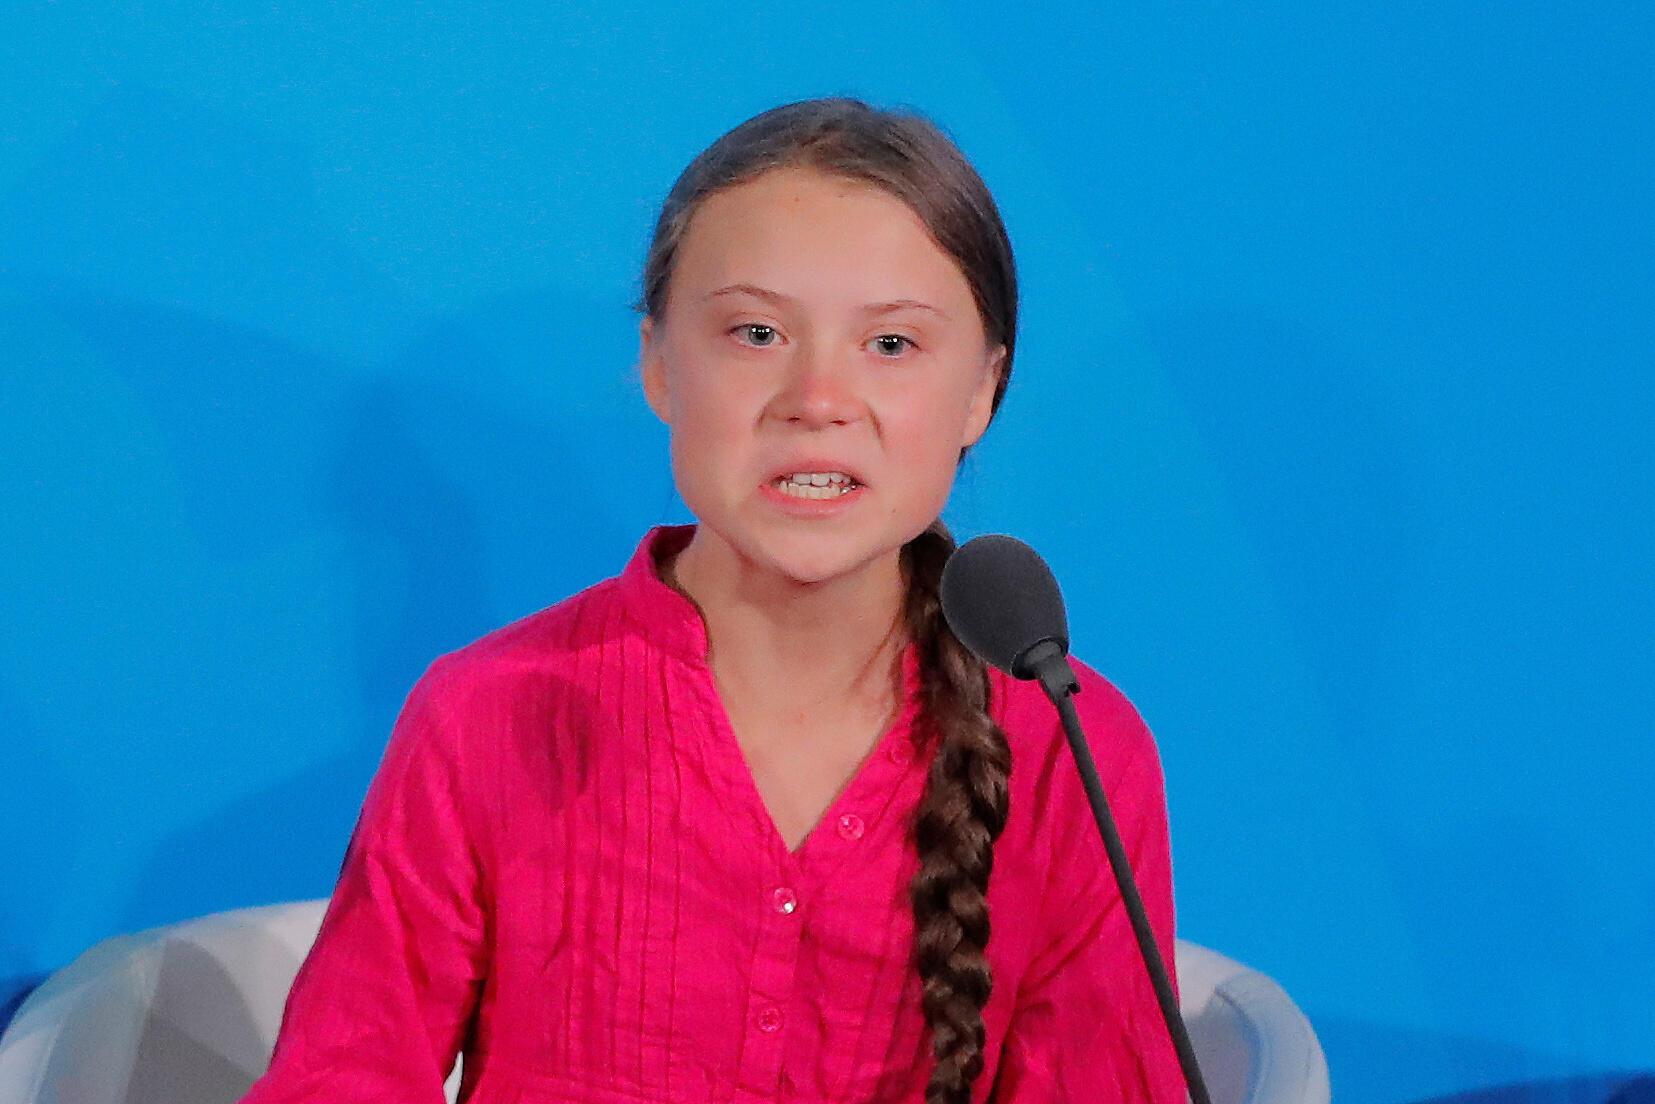 致力推動應對氣候變化的16歲瑞典少女格蕾塔桑伯格。